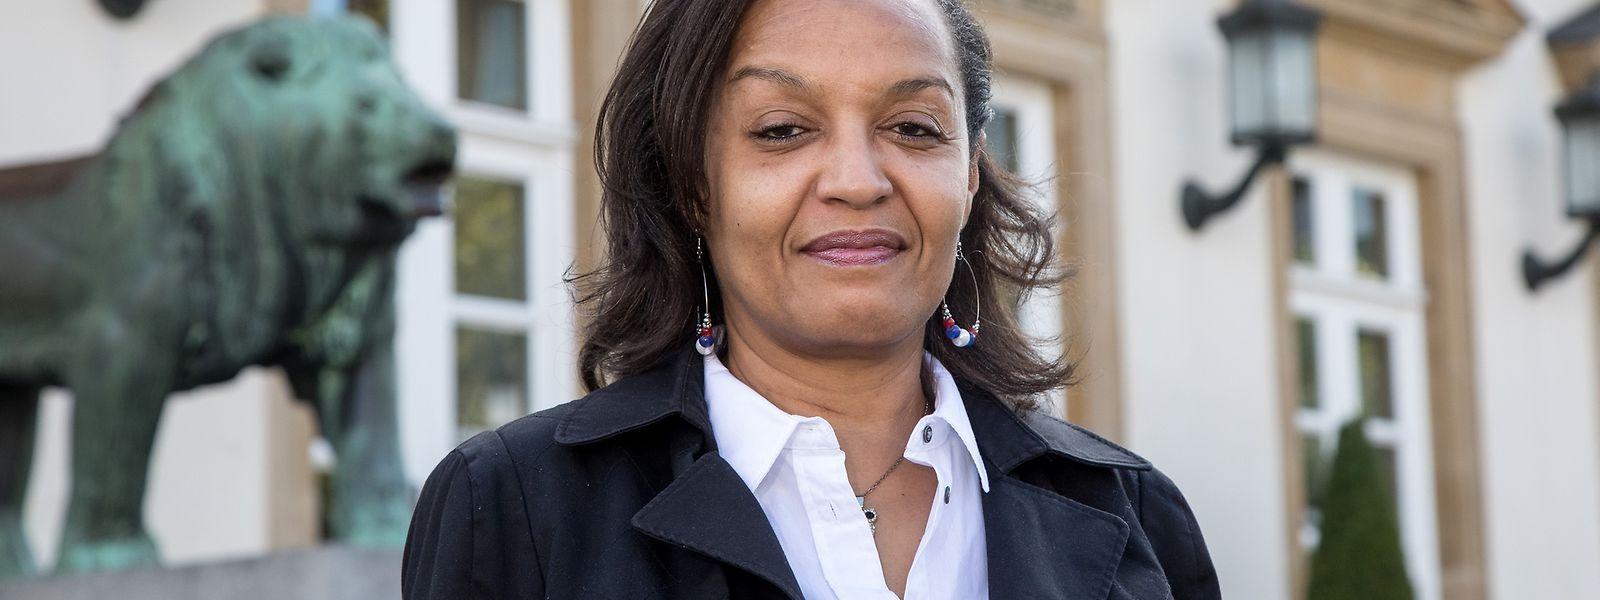 Vera Diniz de Moura seguiu o caminho do pai, que foi secretário da Frente Nacional de Libertação de Angola, e entra agora na política.